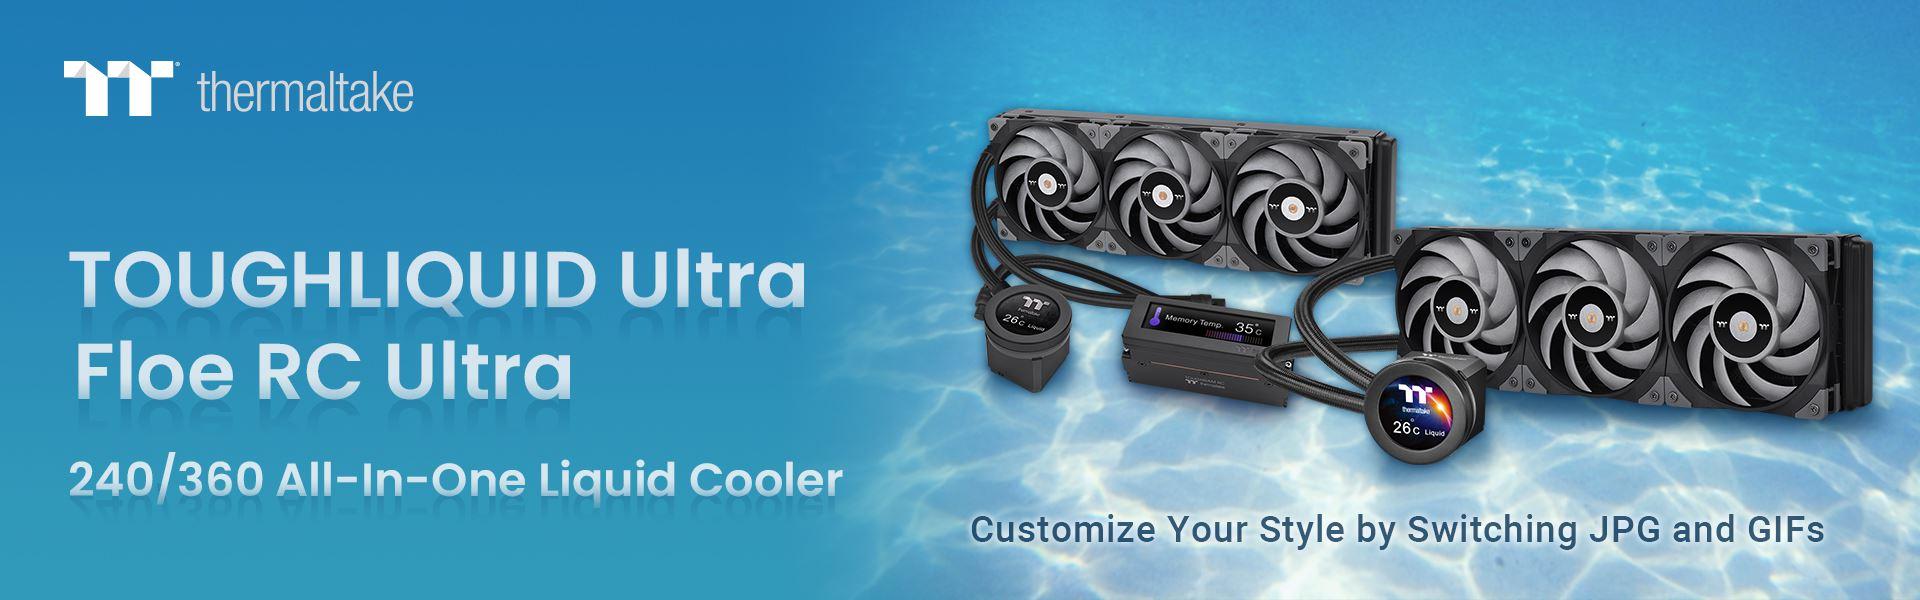 A Thermaltake bejelentette a Floe RC Ultra 240/360 és a TOUGHLIQUID Ultra 240/360 CPU AIO hűtések megjelenését